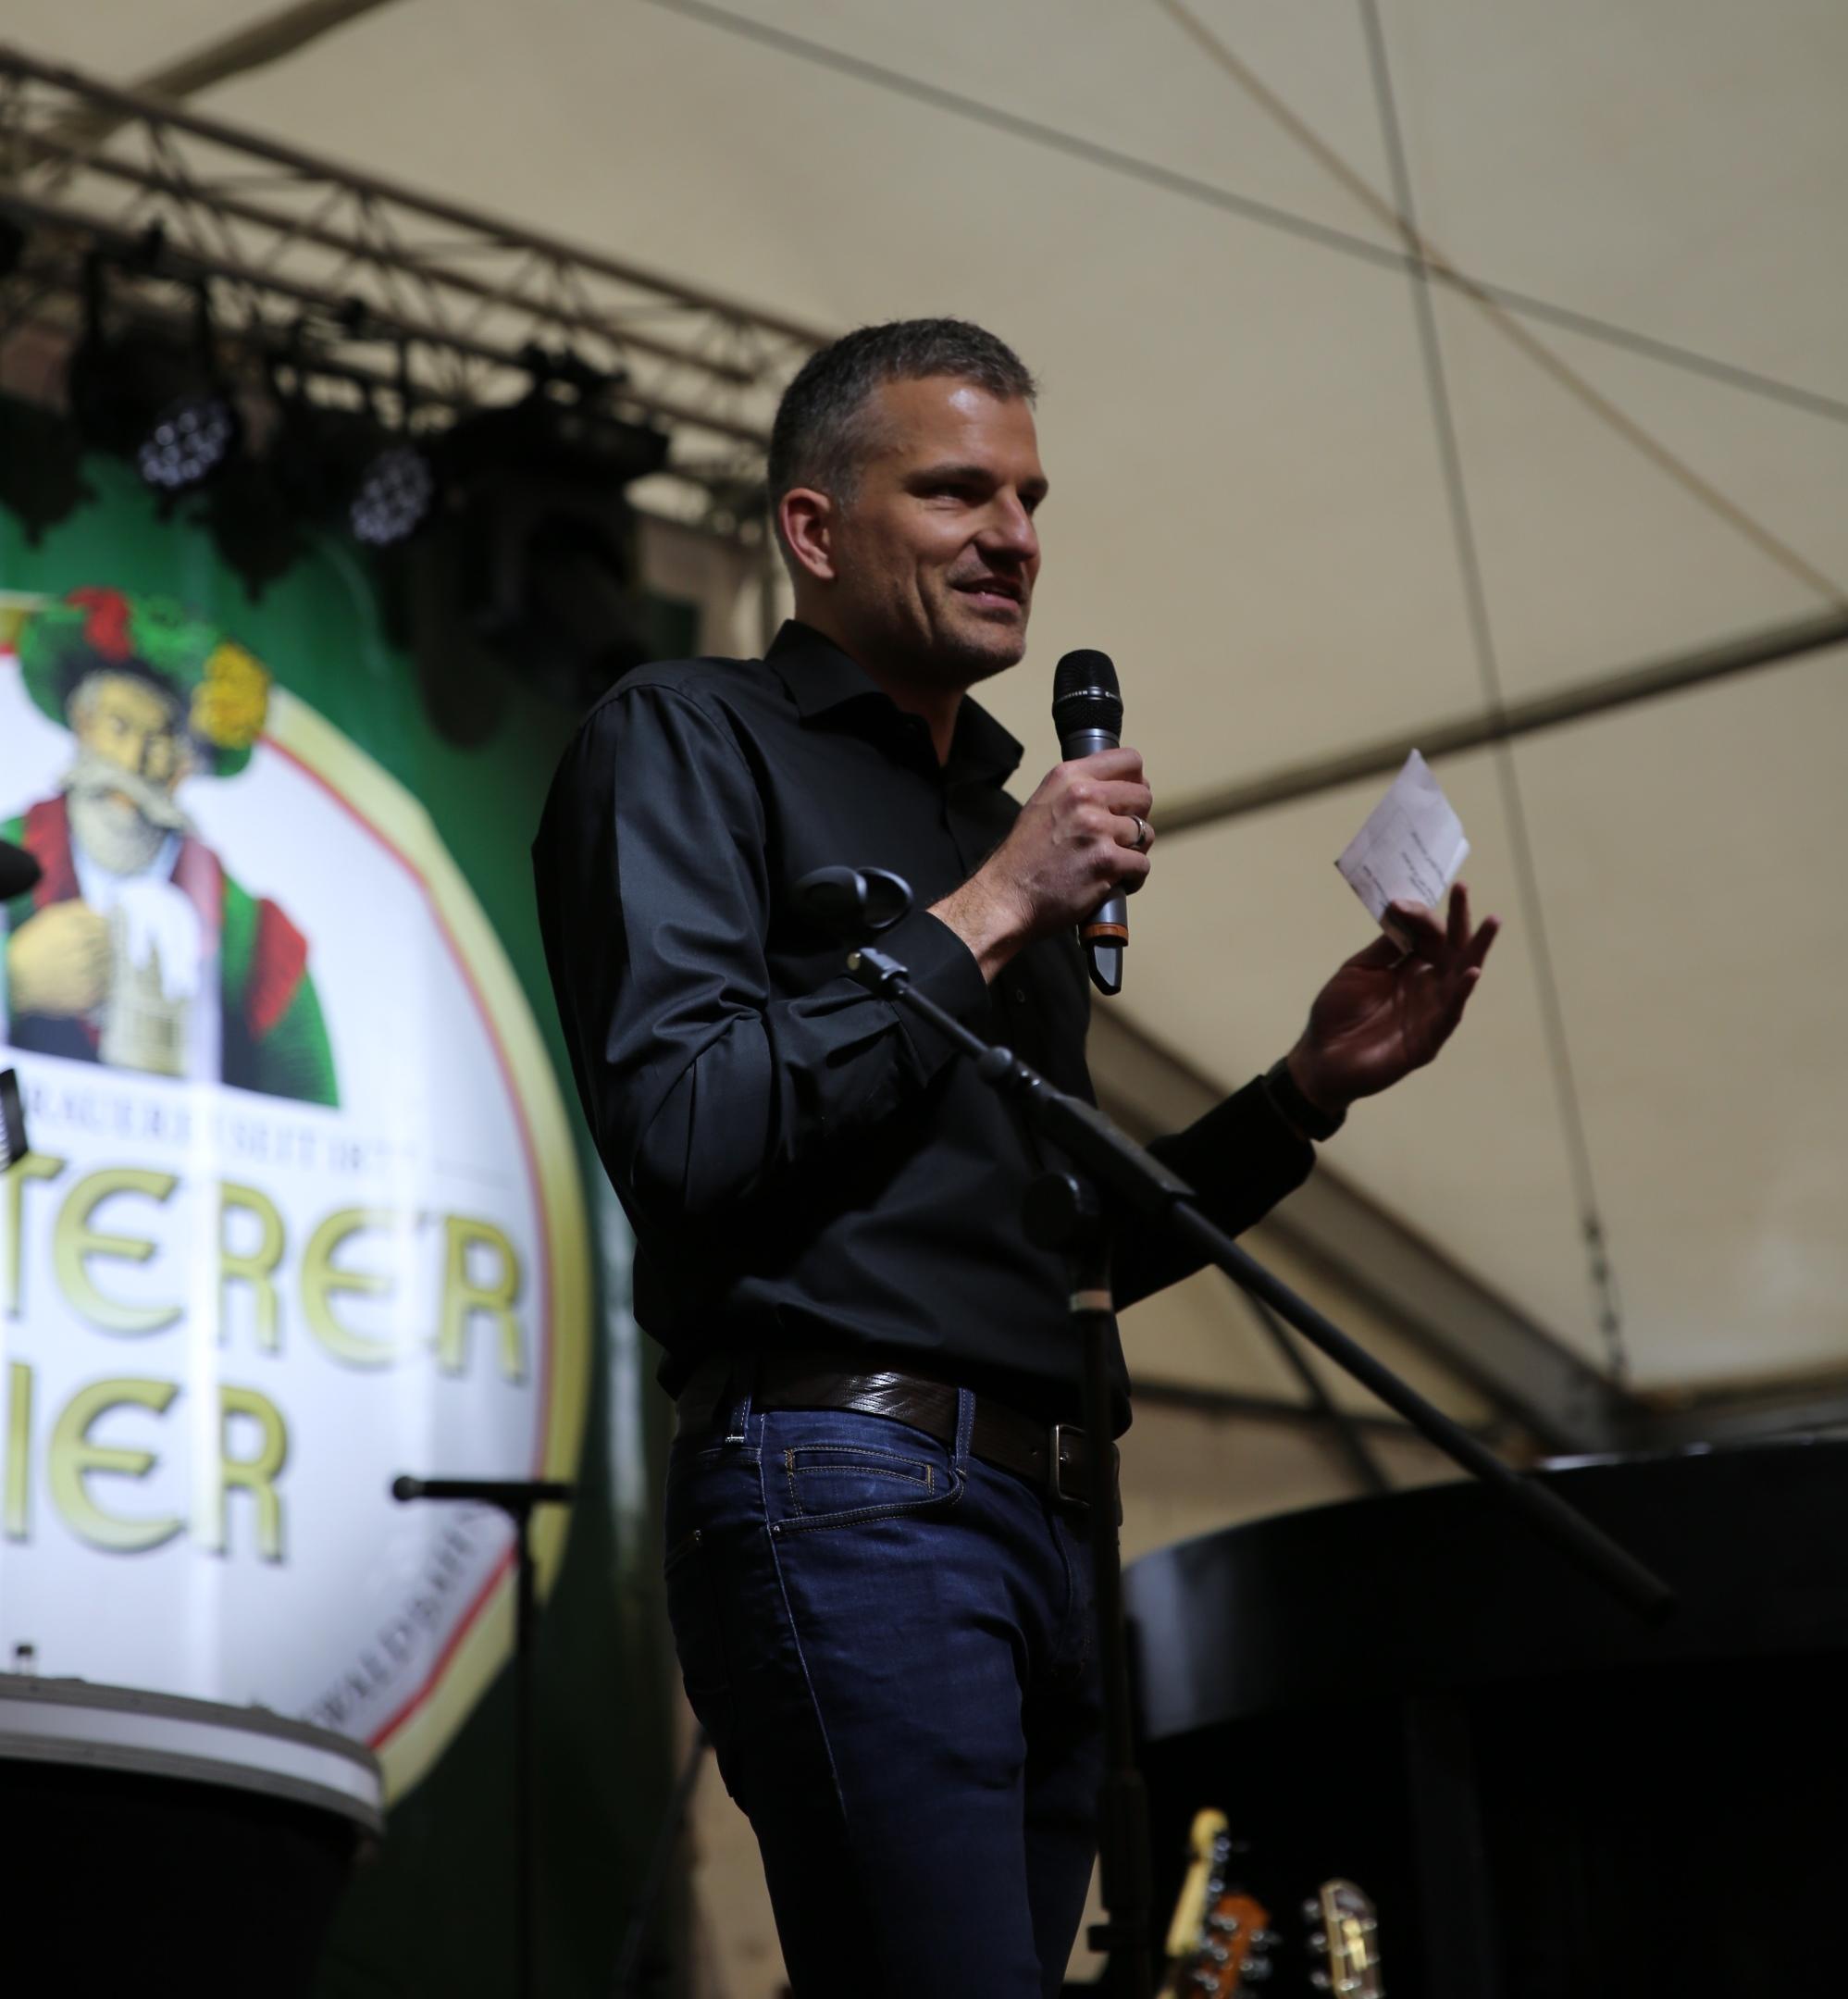 Philipp Ketterer begrüßt im Namen der Familie und allen 27 Mitarbeitern die Gäste im früh gefüllten Festzelt zur Feier des 140-jährigen Brauereijubiläums.